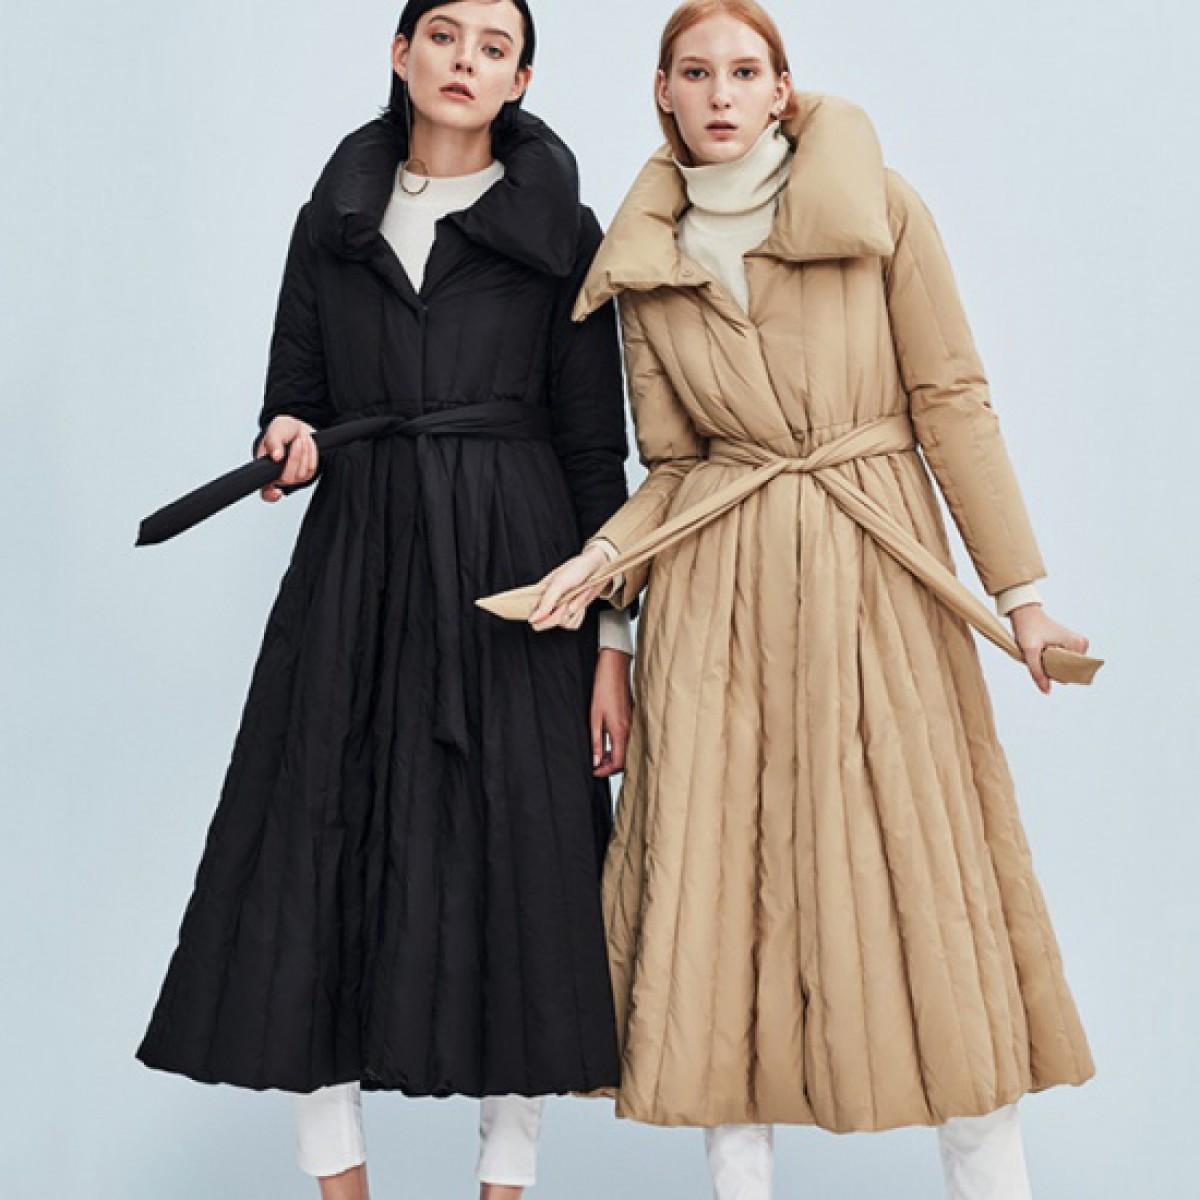 пуховик-платье длинный с расклешенной юбкой вскладку зимний женский CLJ